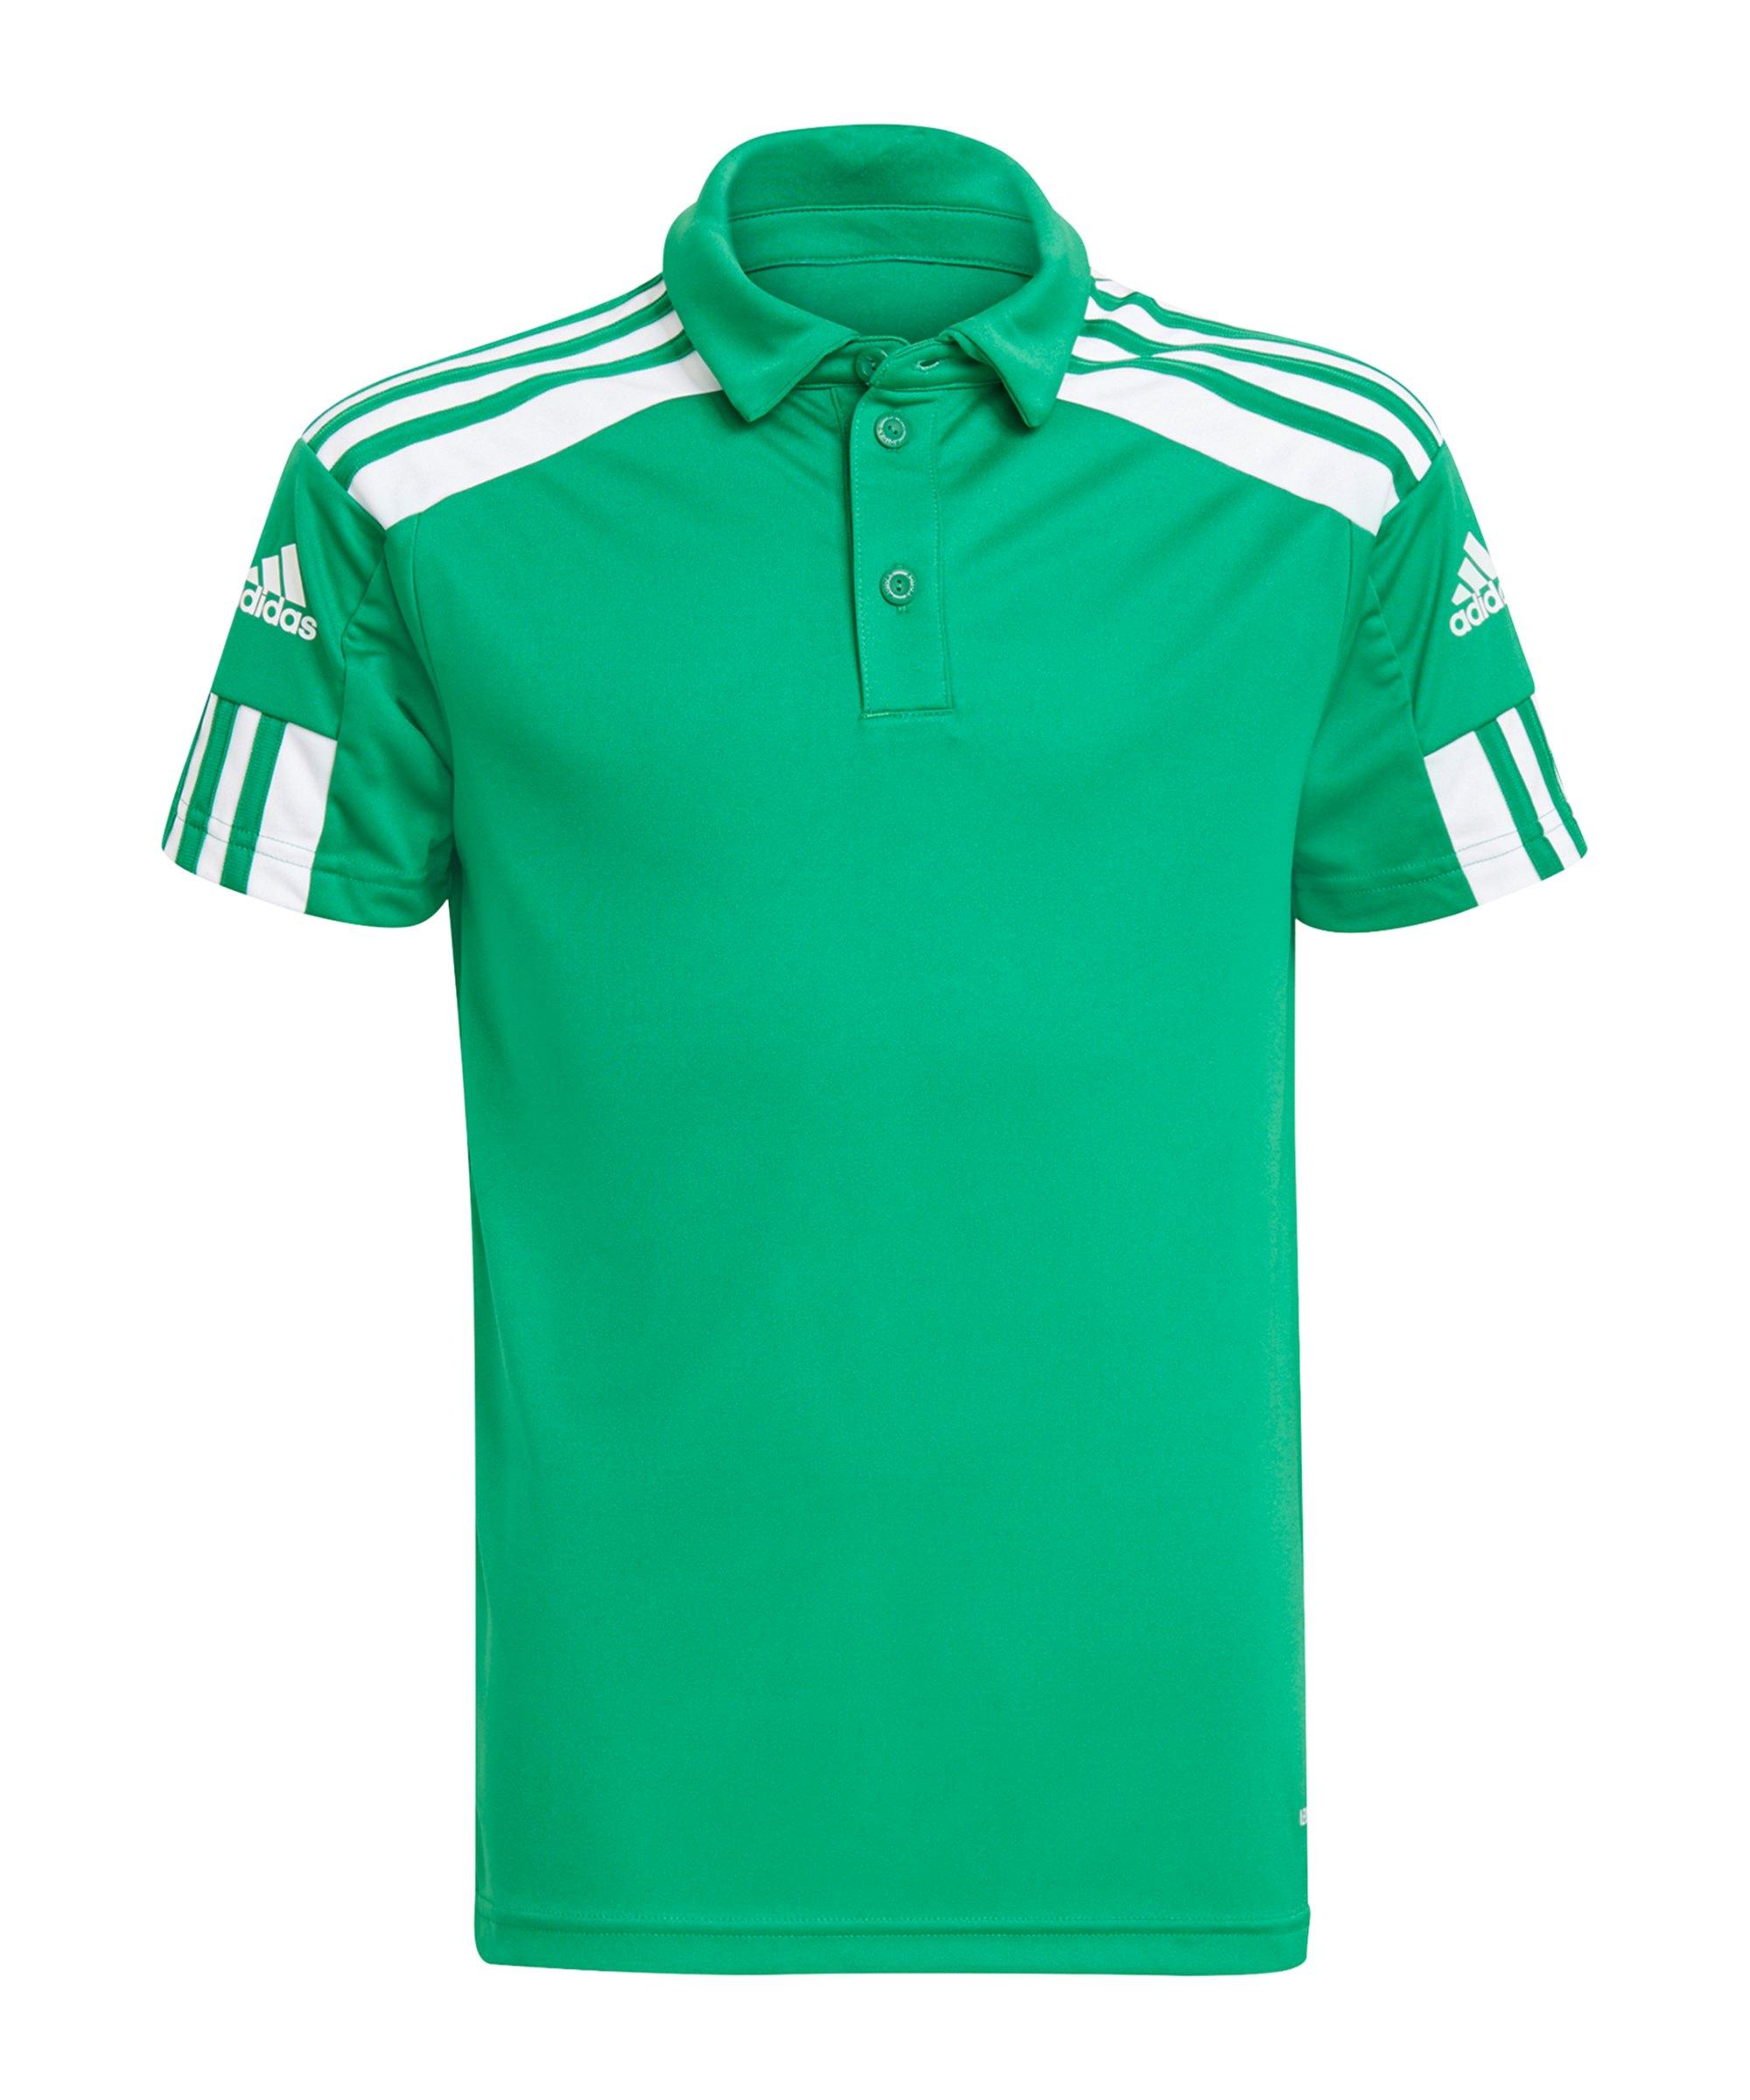 adidas Squadra 21 Poloshirt Kids Grün Weiss - gruen